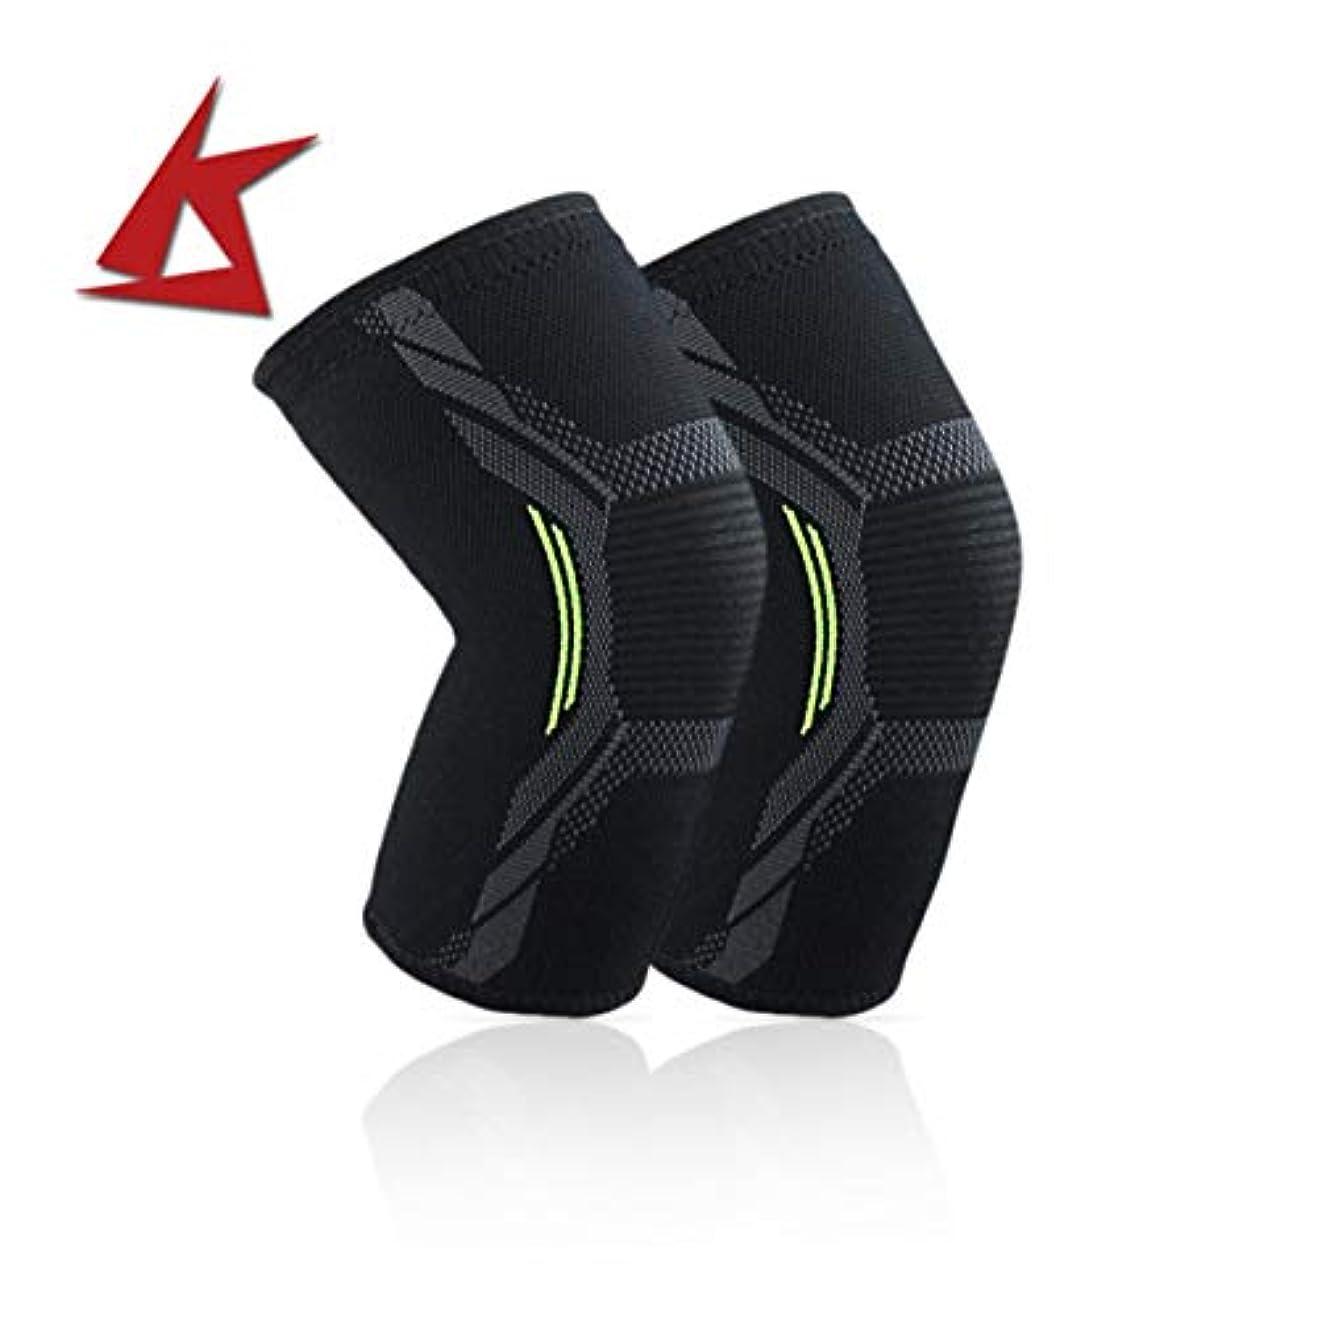 ケーブルカー枕恥ずかしいニット膝パッド耐久性のあるナイロン膝ブレーススポーツ保護パッド超薄型膝サポート安全膝パッド - ブラックL